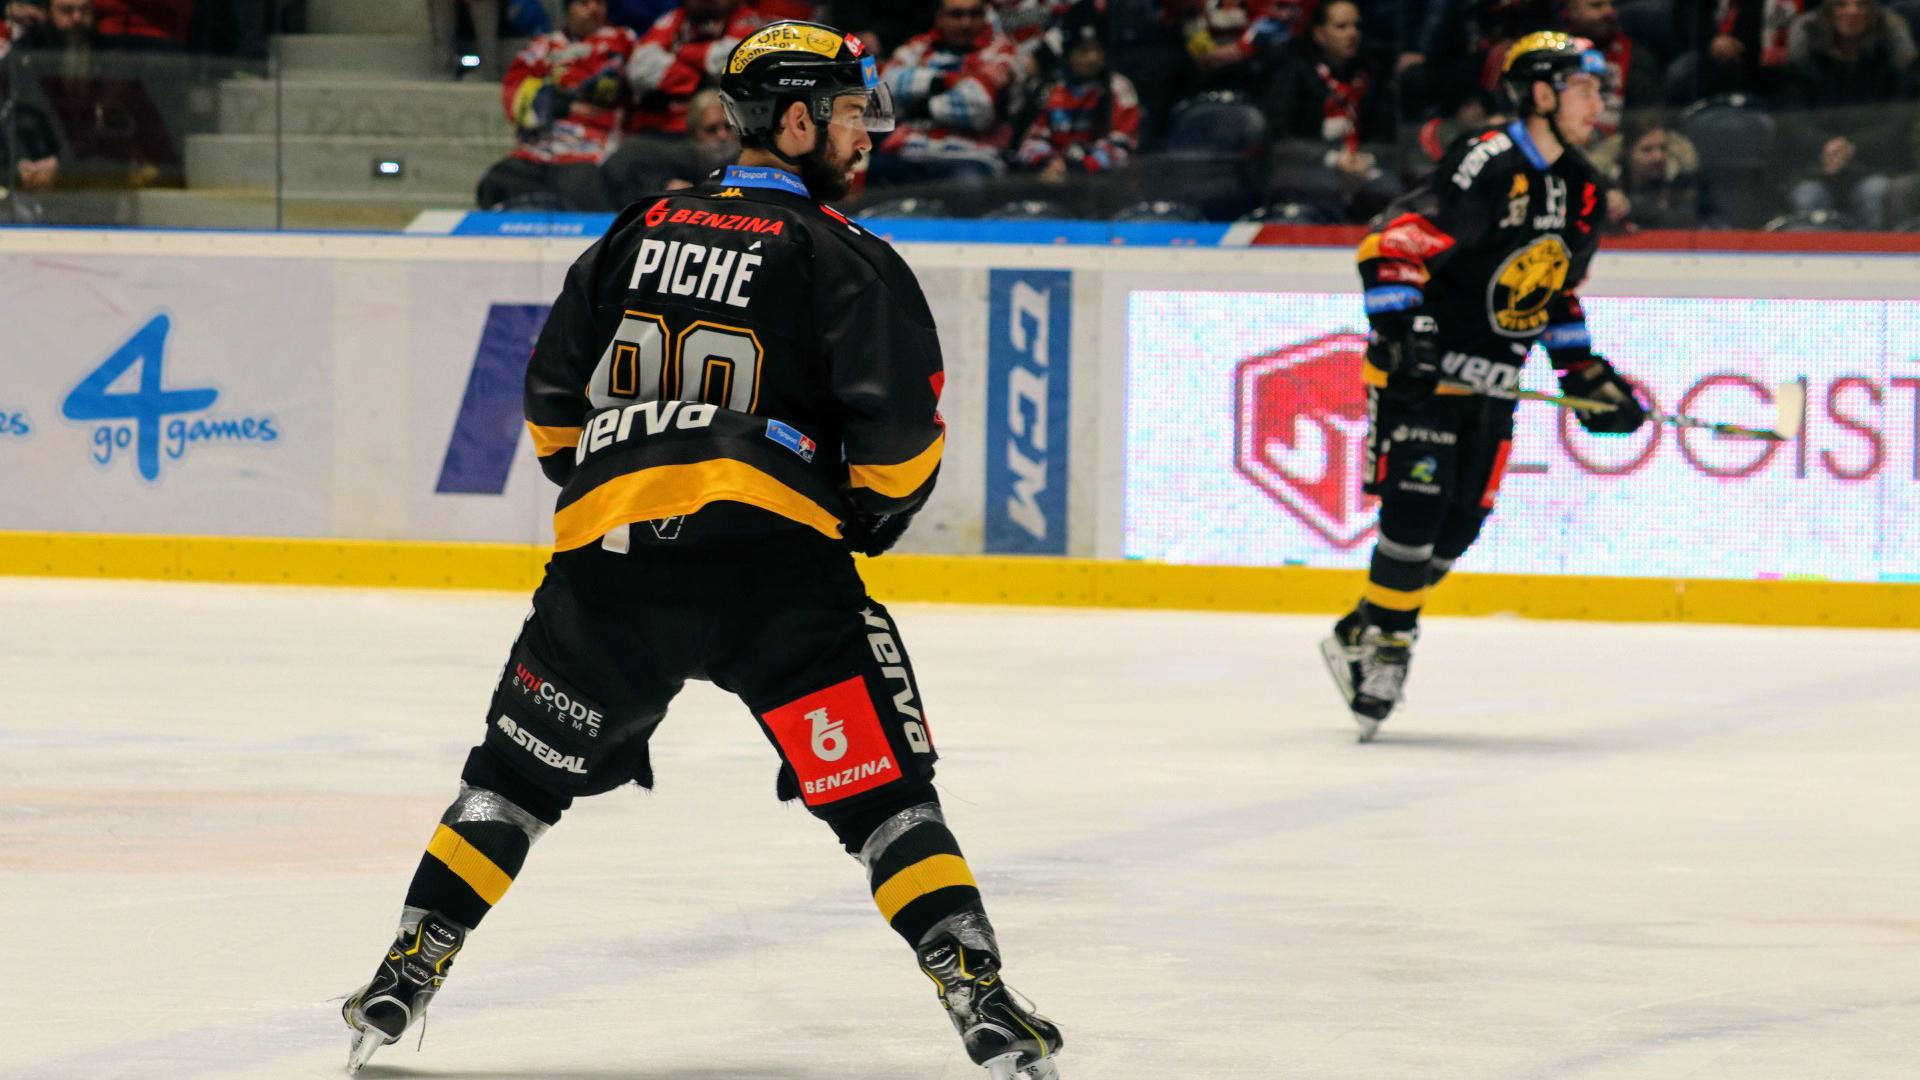 Hokej v číslech: Restart javorového listu. Piché v Litvínově letí mezi elitu